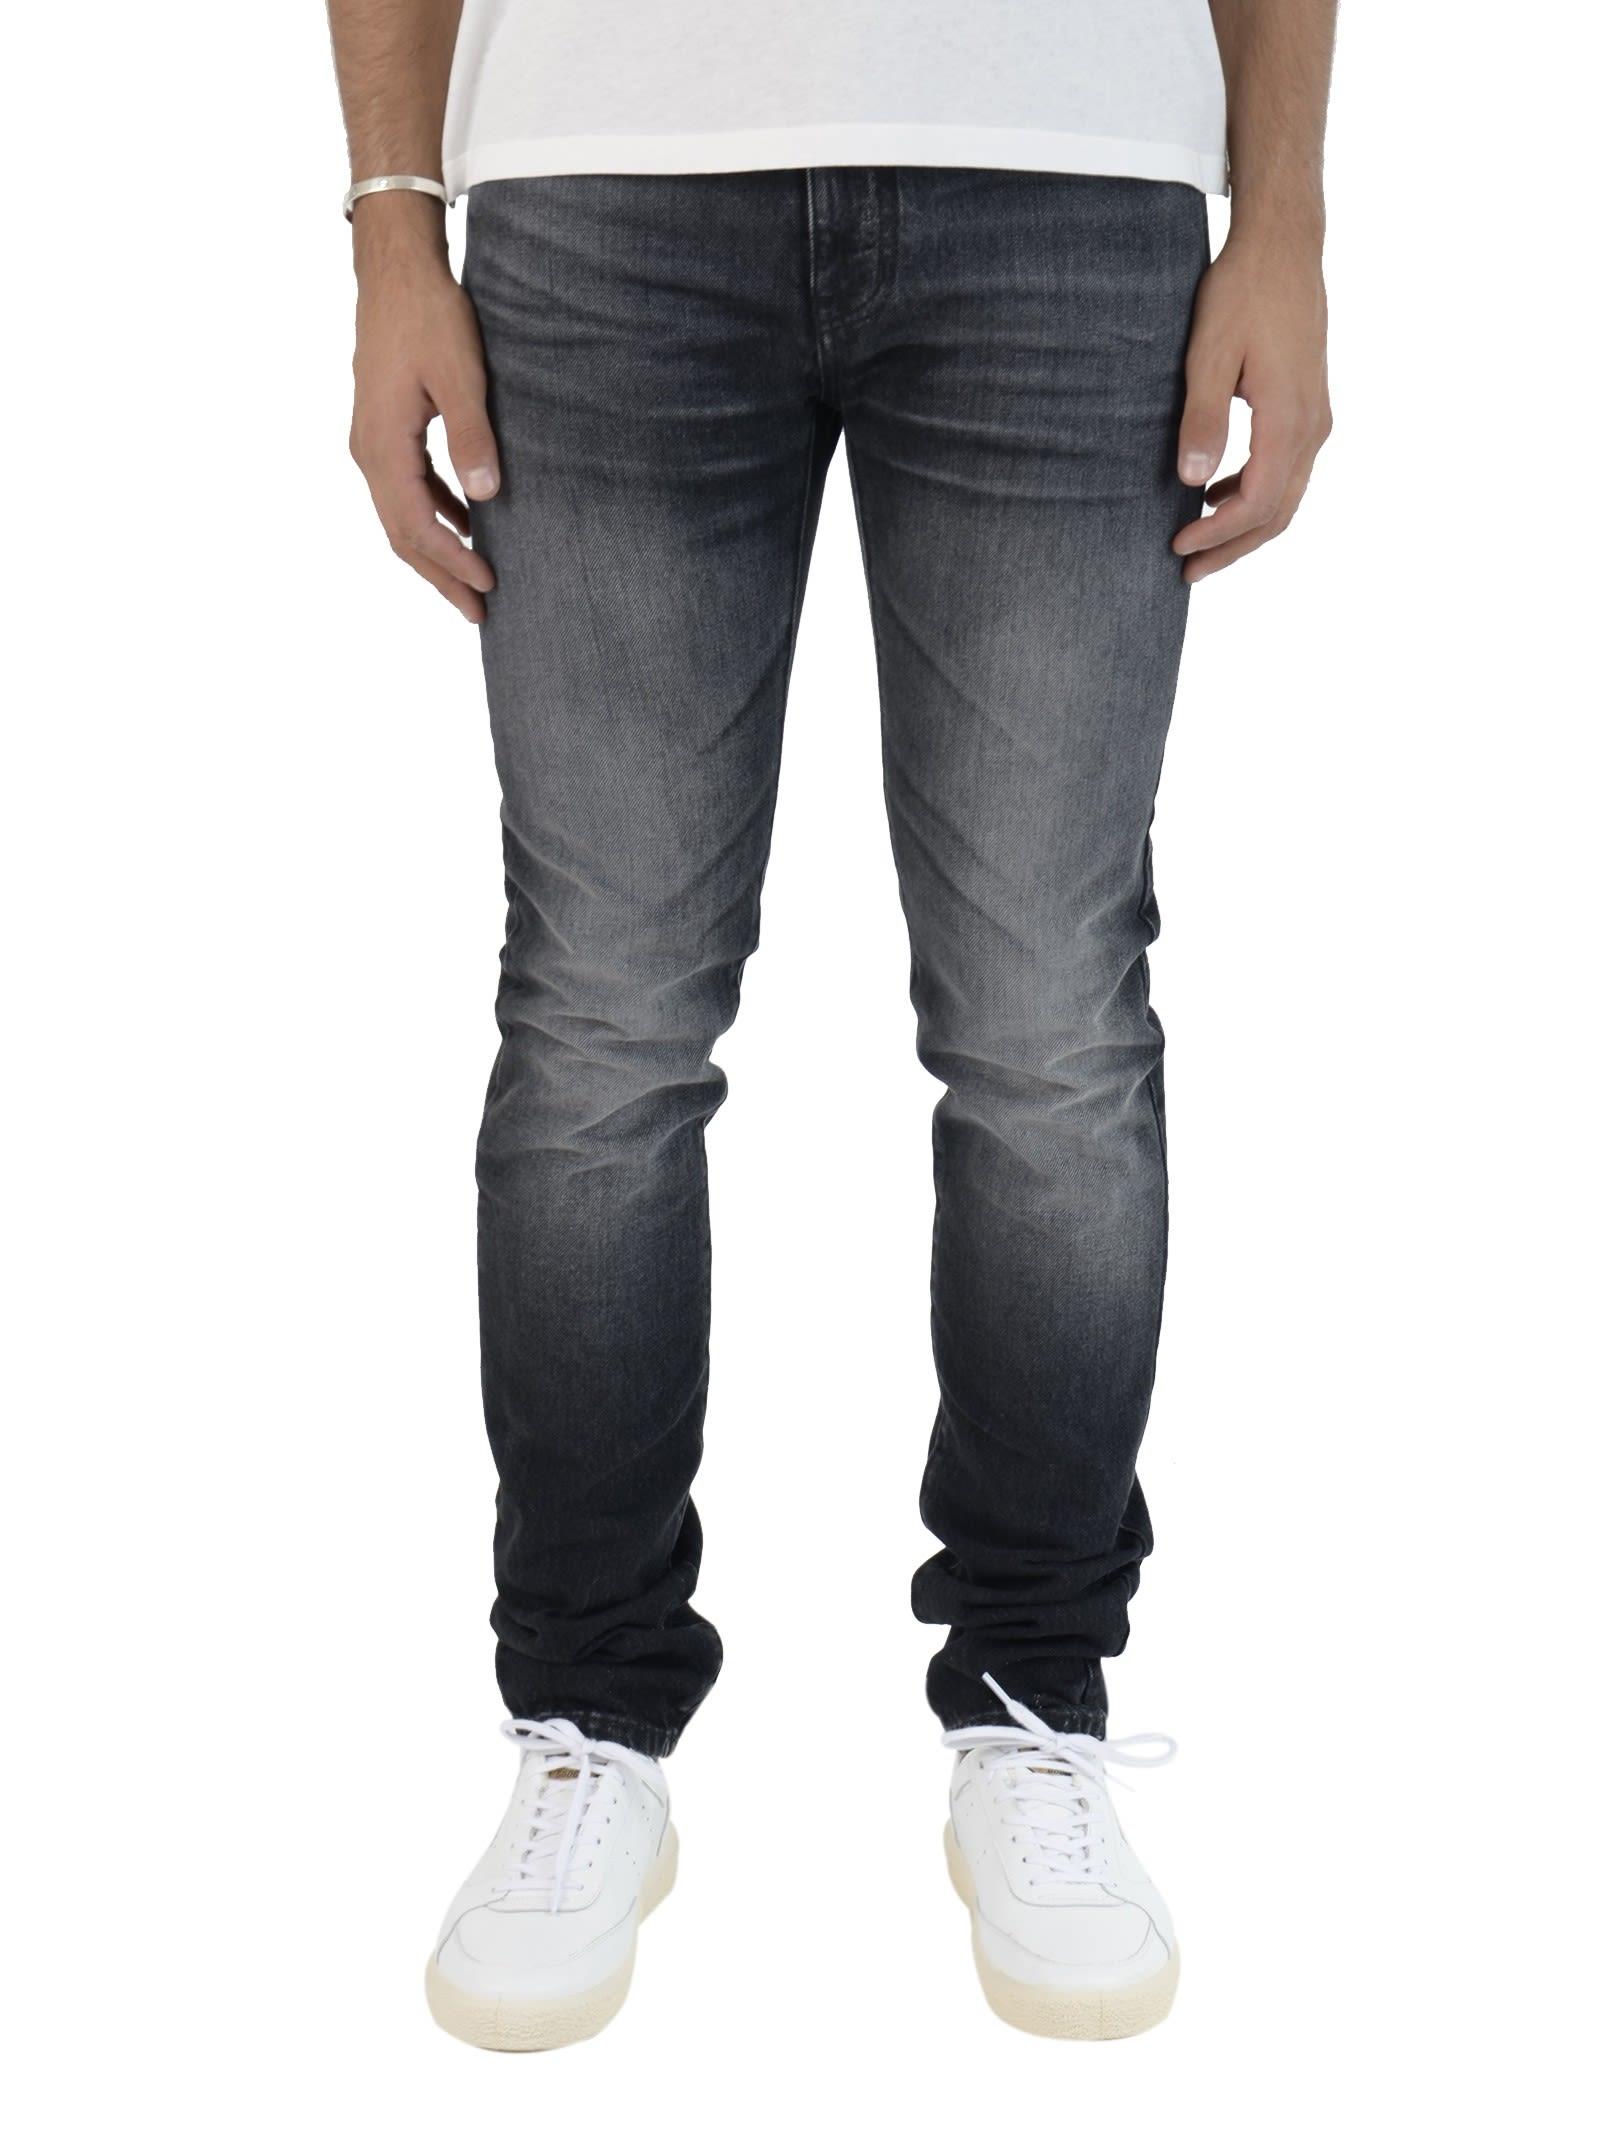 Saint Laurent Washed Black Jeans 9039133